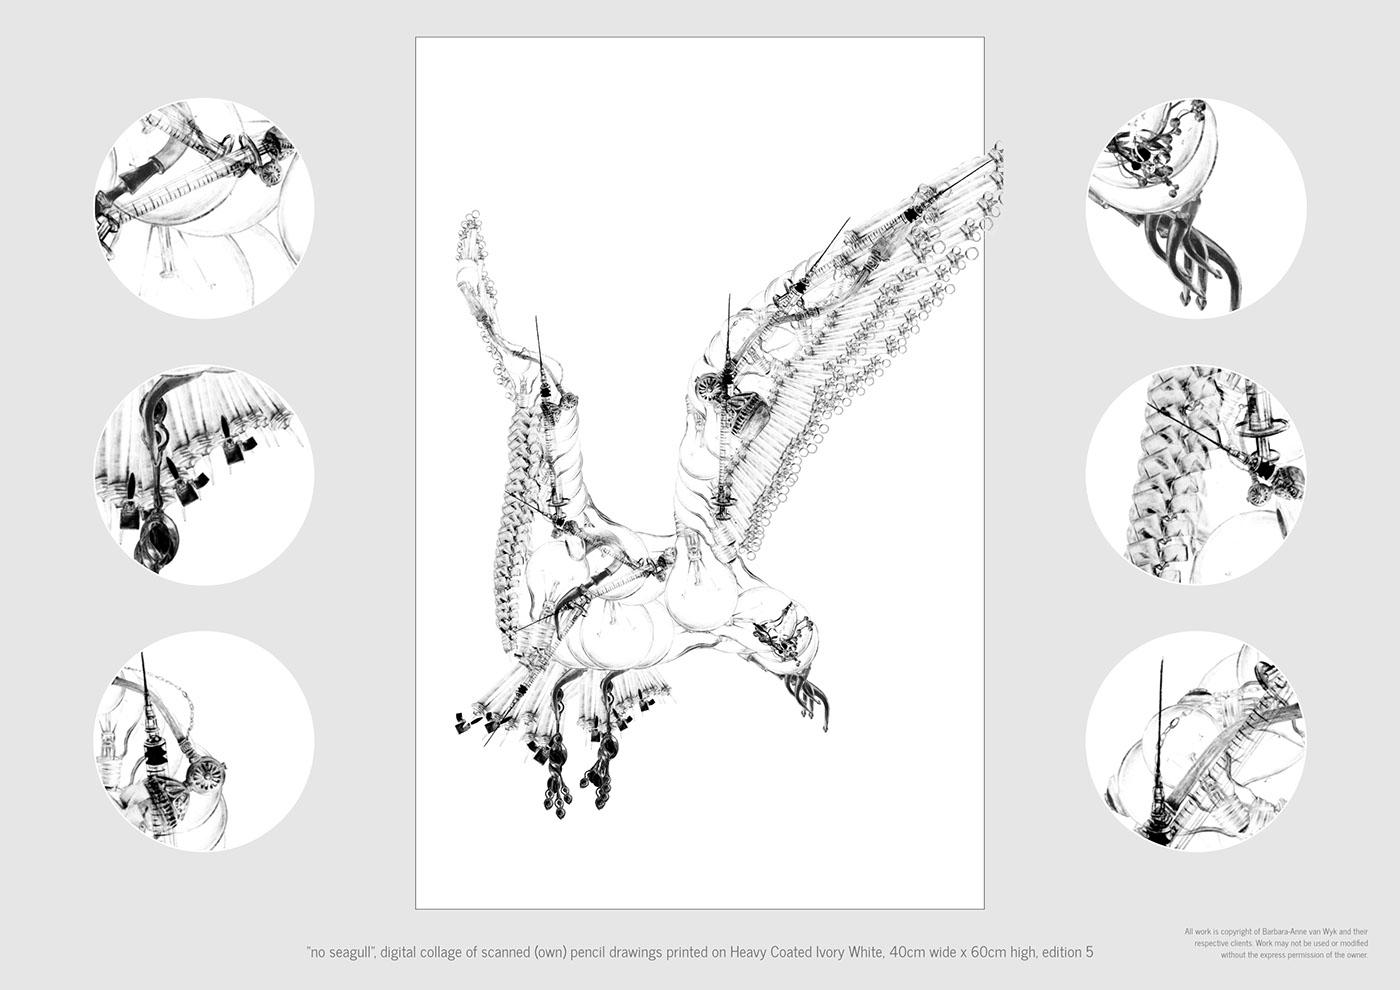 sketches biro pencil draw books covers art